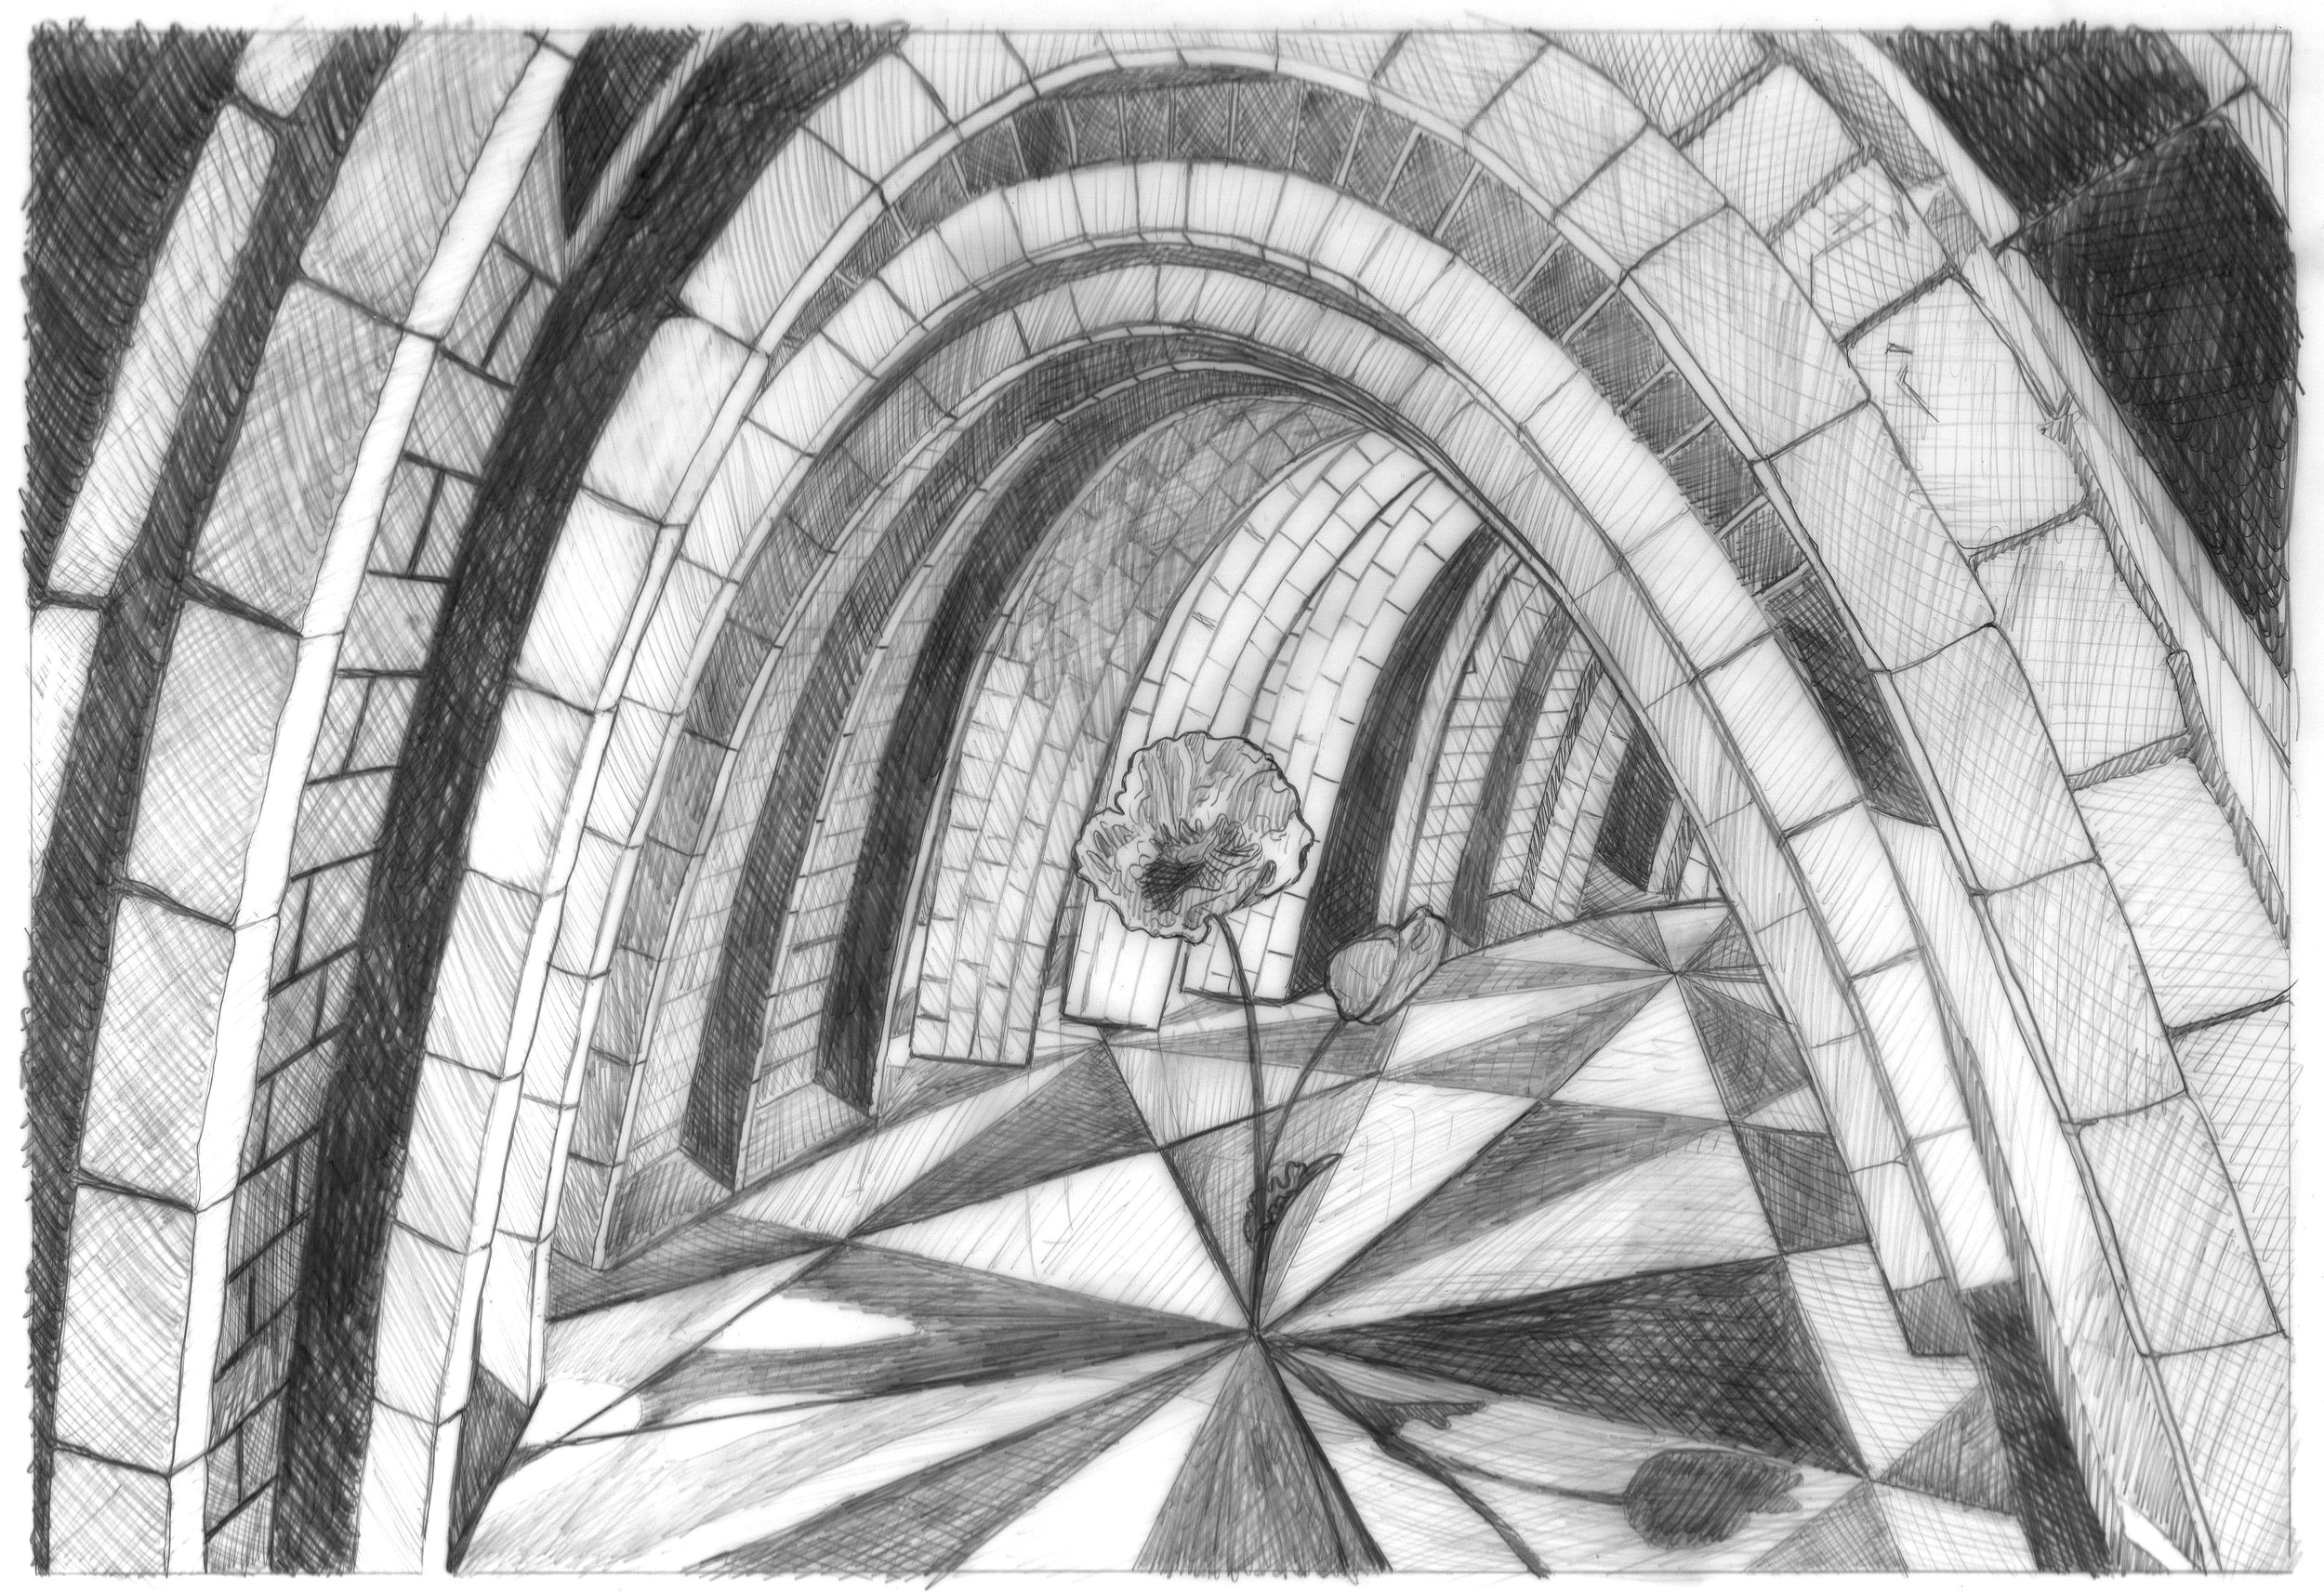 Bricks and Stones May Break (Gaudí's Parabolic Arch)